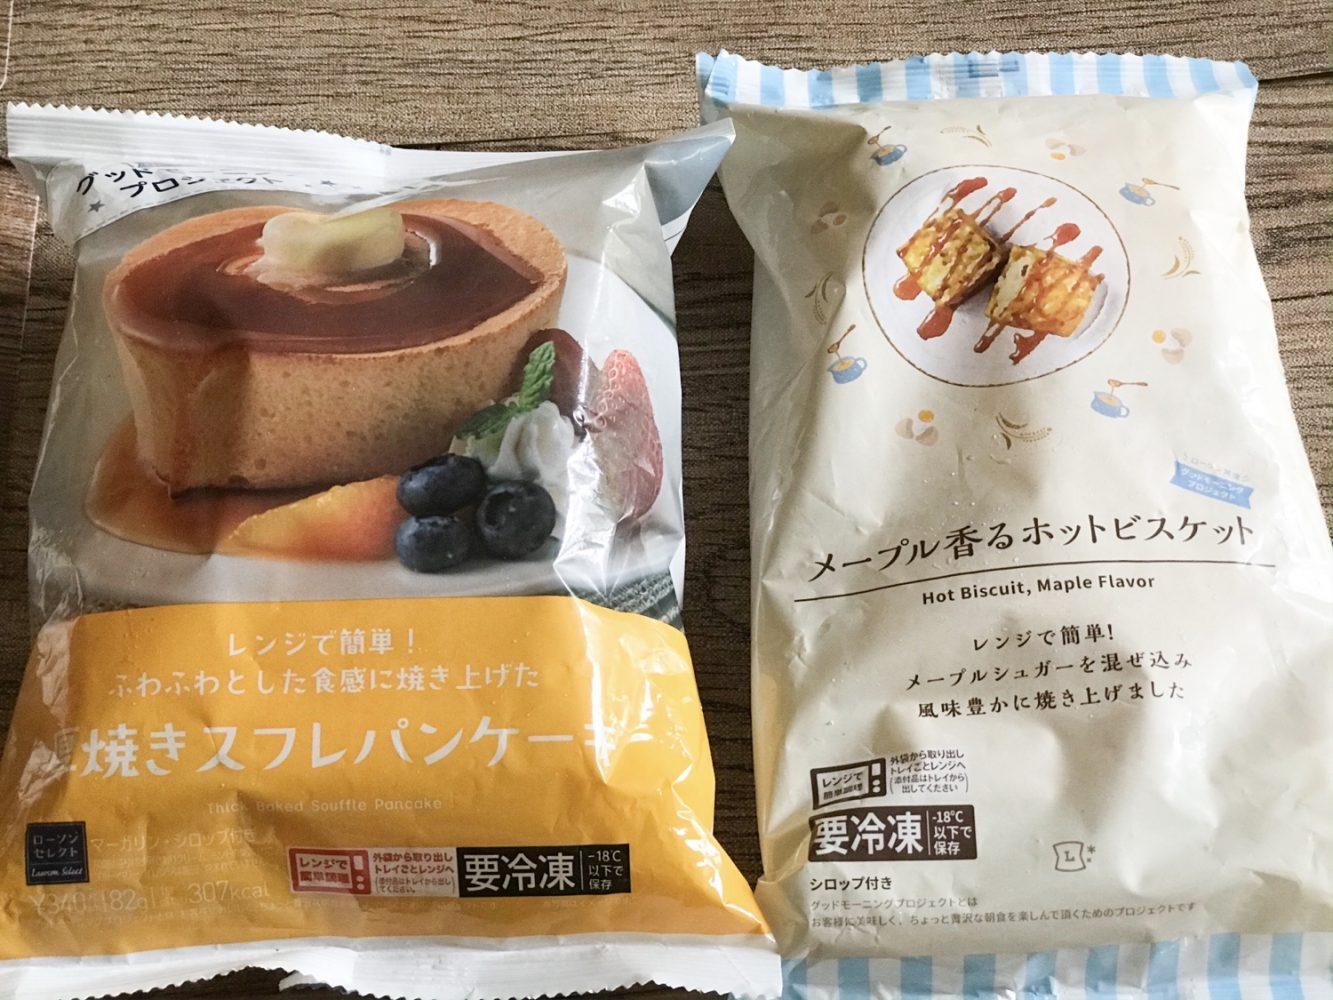 ローソンの冷凍食品スイーツ 厚焼きスフレパンケーキ340円 メイプル香るホットビスケット298円